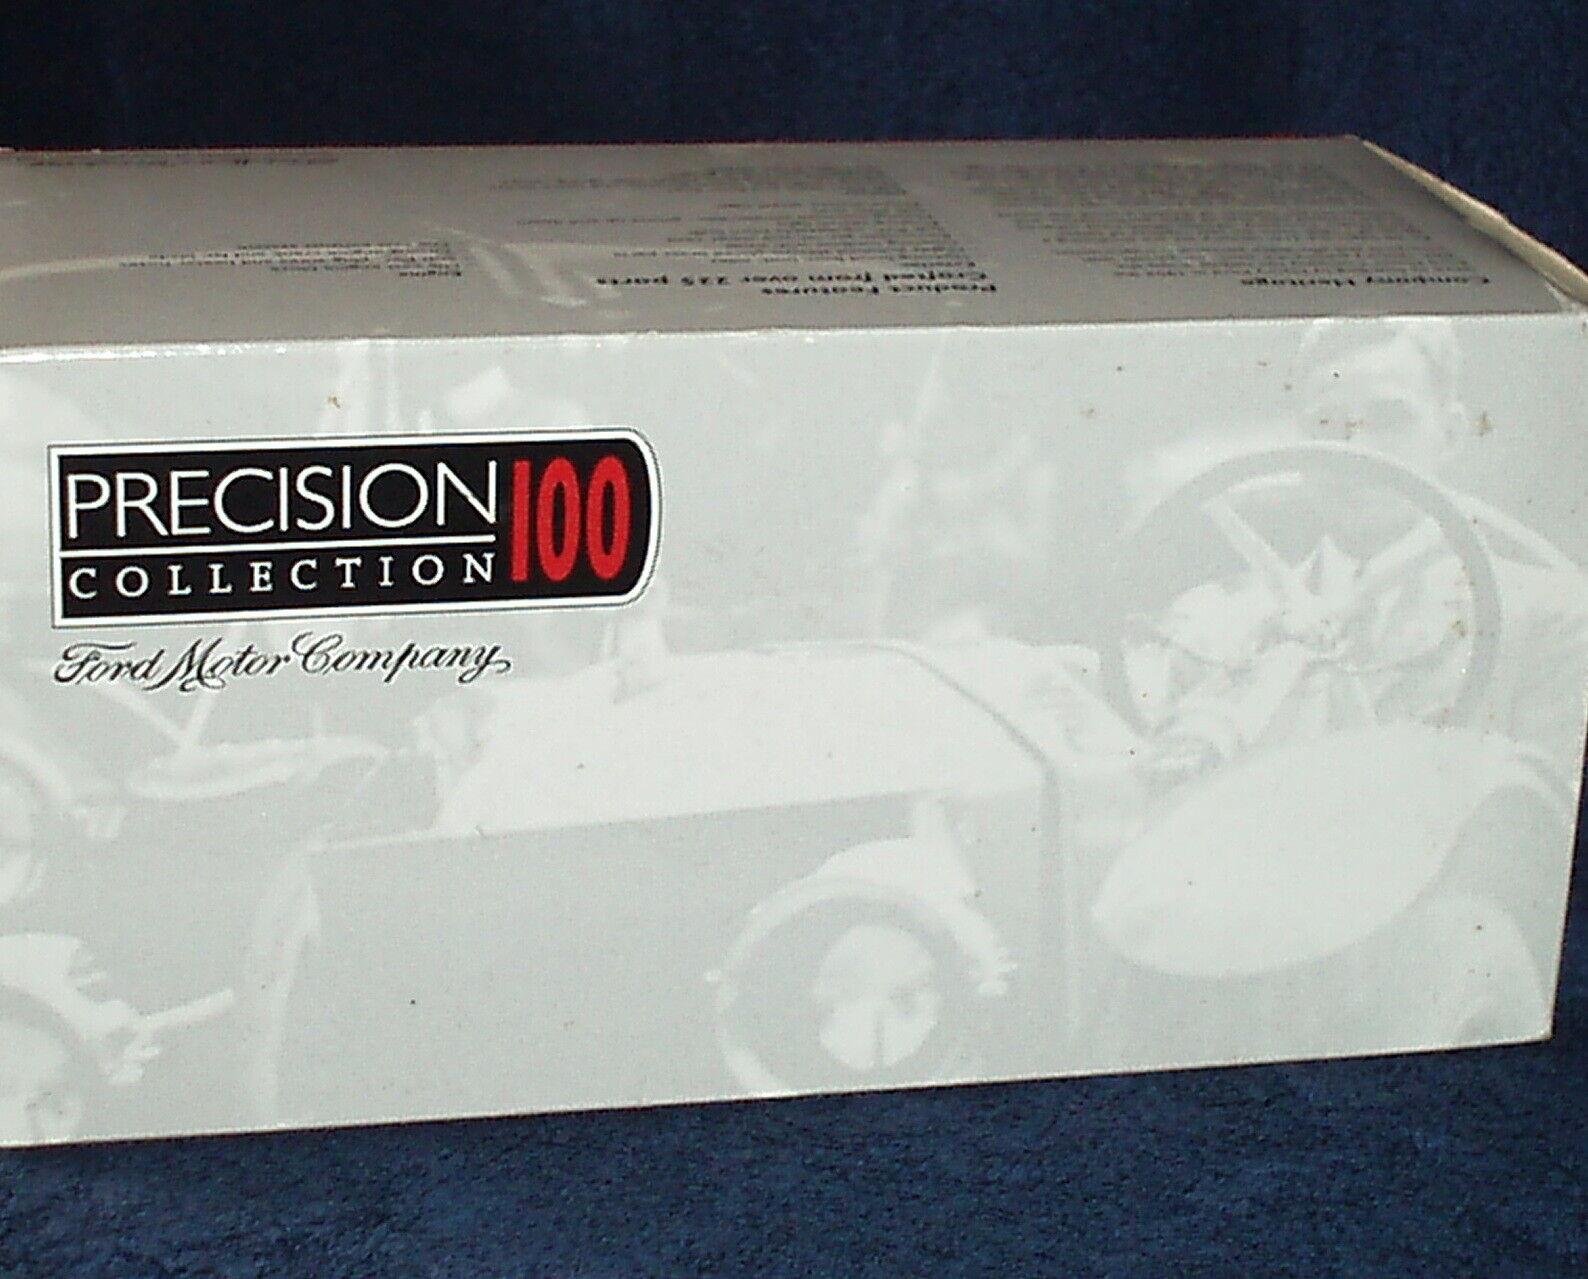 ERTL 1913 FORD MODEL T SPEEDSTER blanc 1 18 VHTF   PRECISION 100  w COA  pas cher et de haute qualité